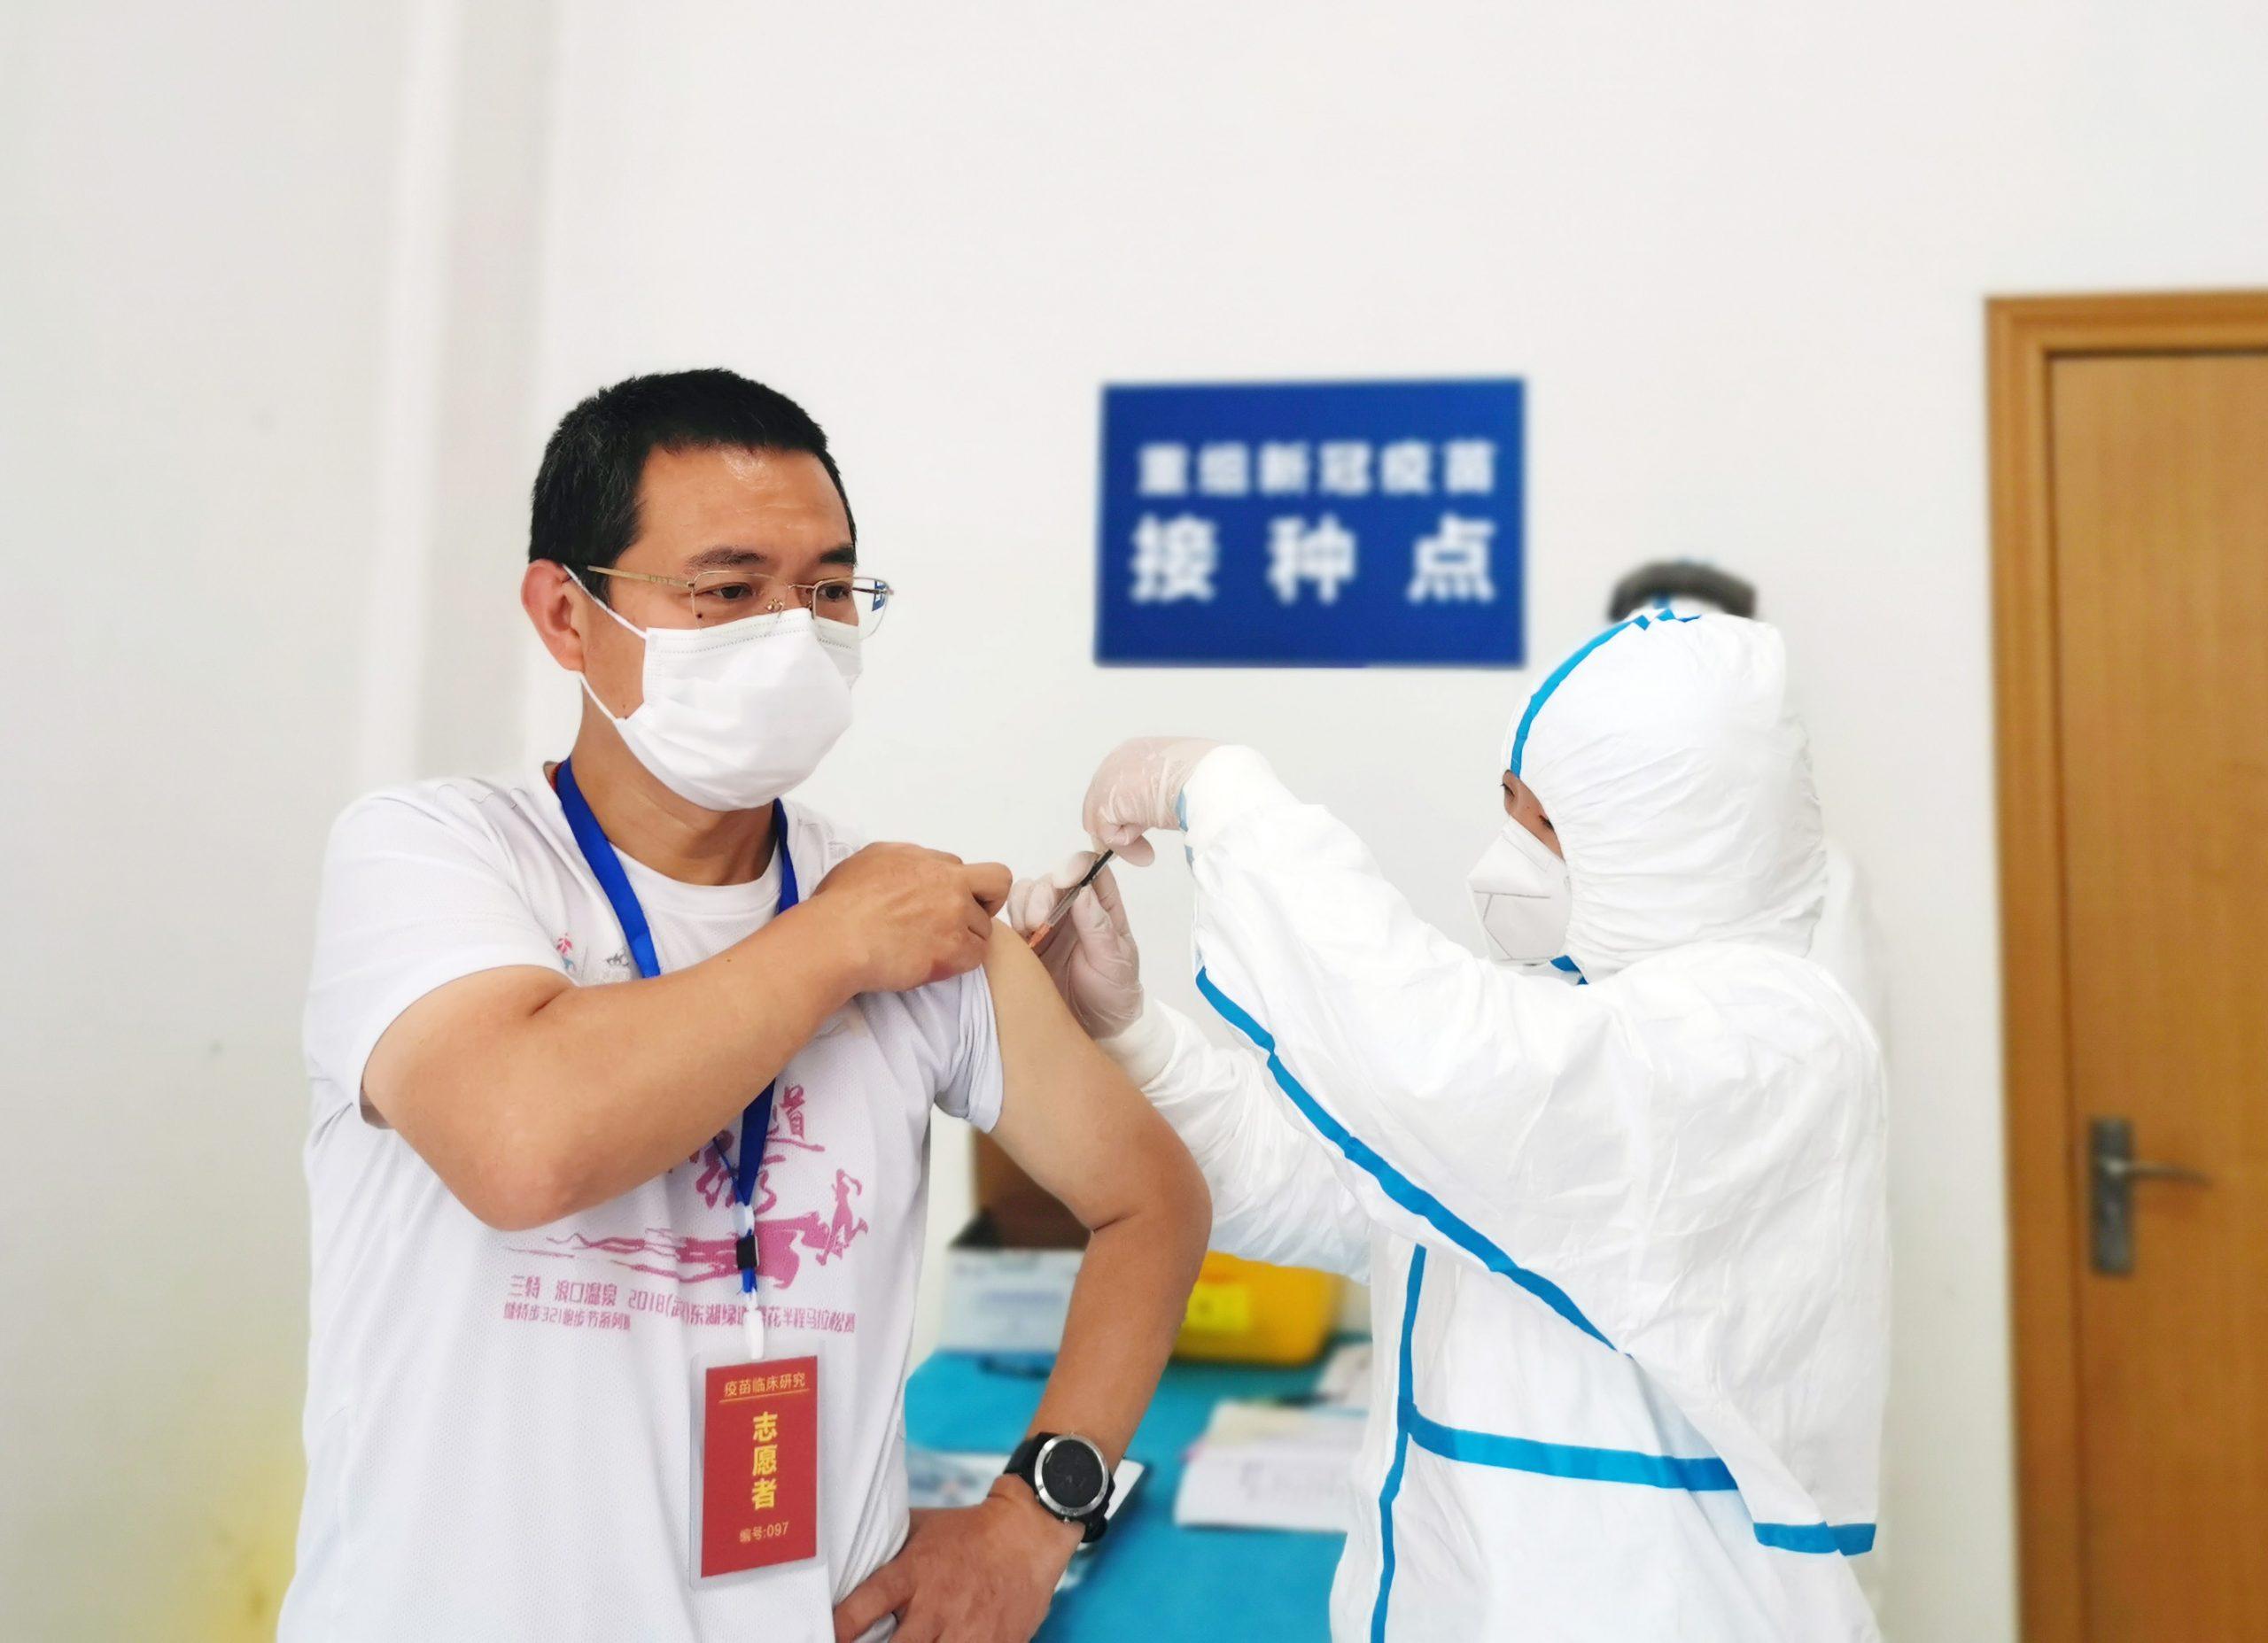 Más de 5 millones de personas reciben la vacuna contra COVID-19 en Beijing